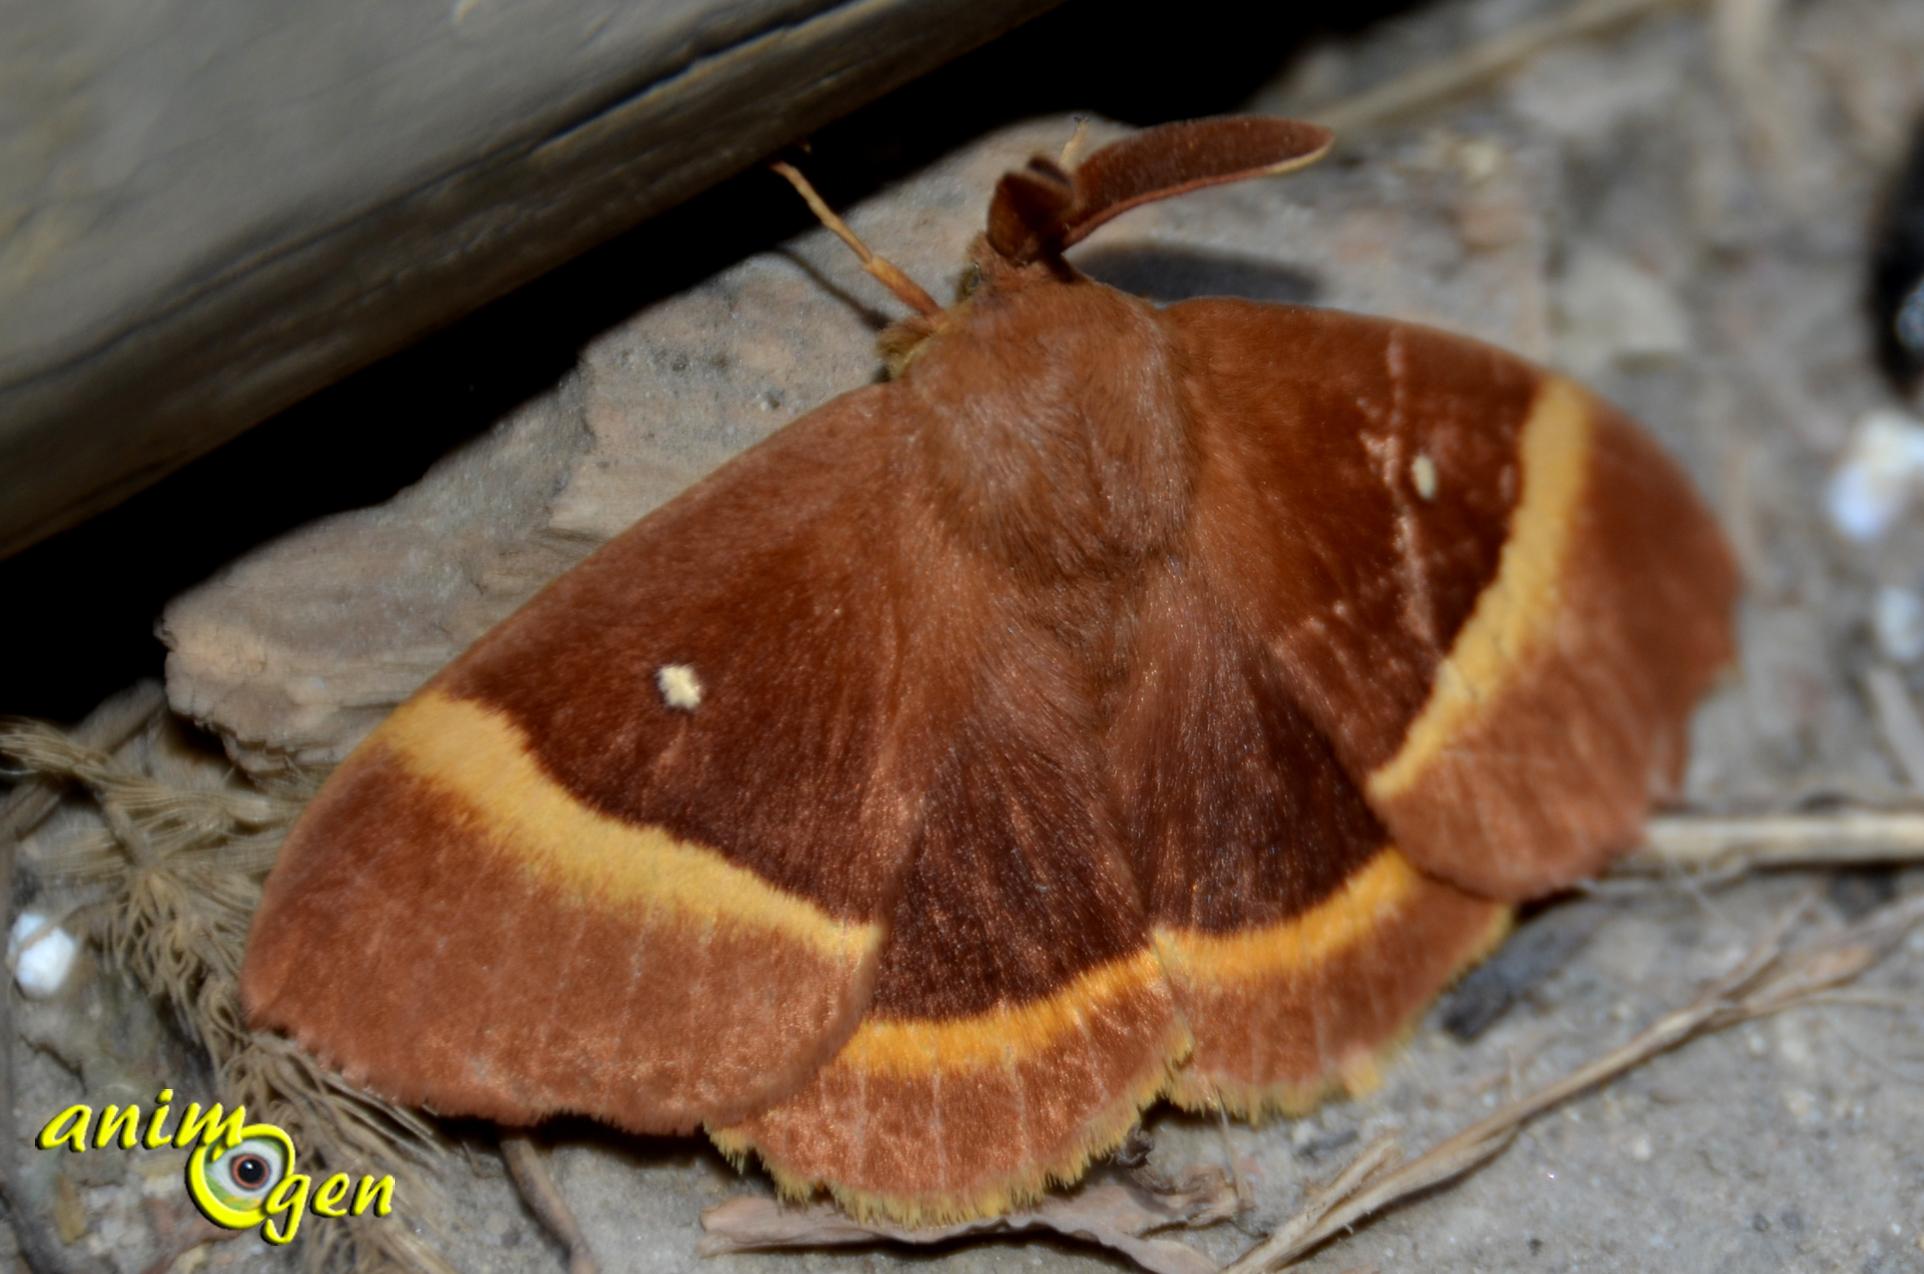 Le bombyx du ch ne bombyx du gen t ou minime bandes jaunes lasiocampa quercus animogen - Duree de vie papillon de nuit ...